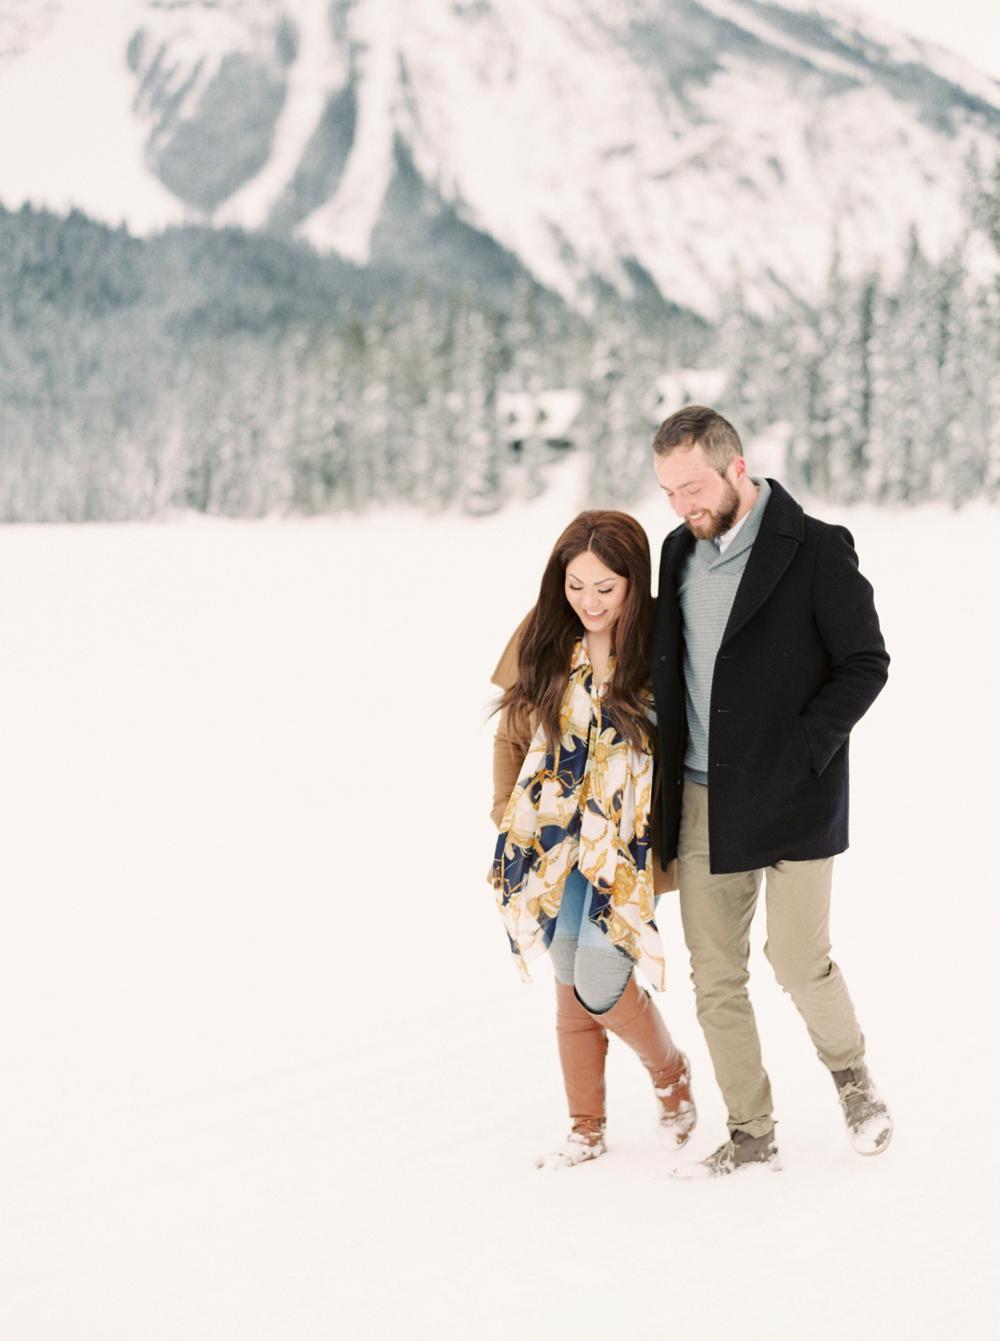 Emerald Lake Lodge Photographers | Calgary Wedding Photographers | Elopement photographer | Rocky Mountain Banff Engagement Session | Justine Milton Photography